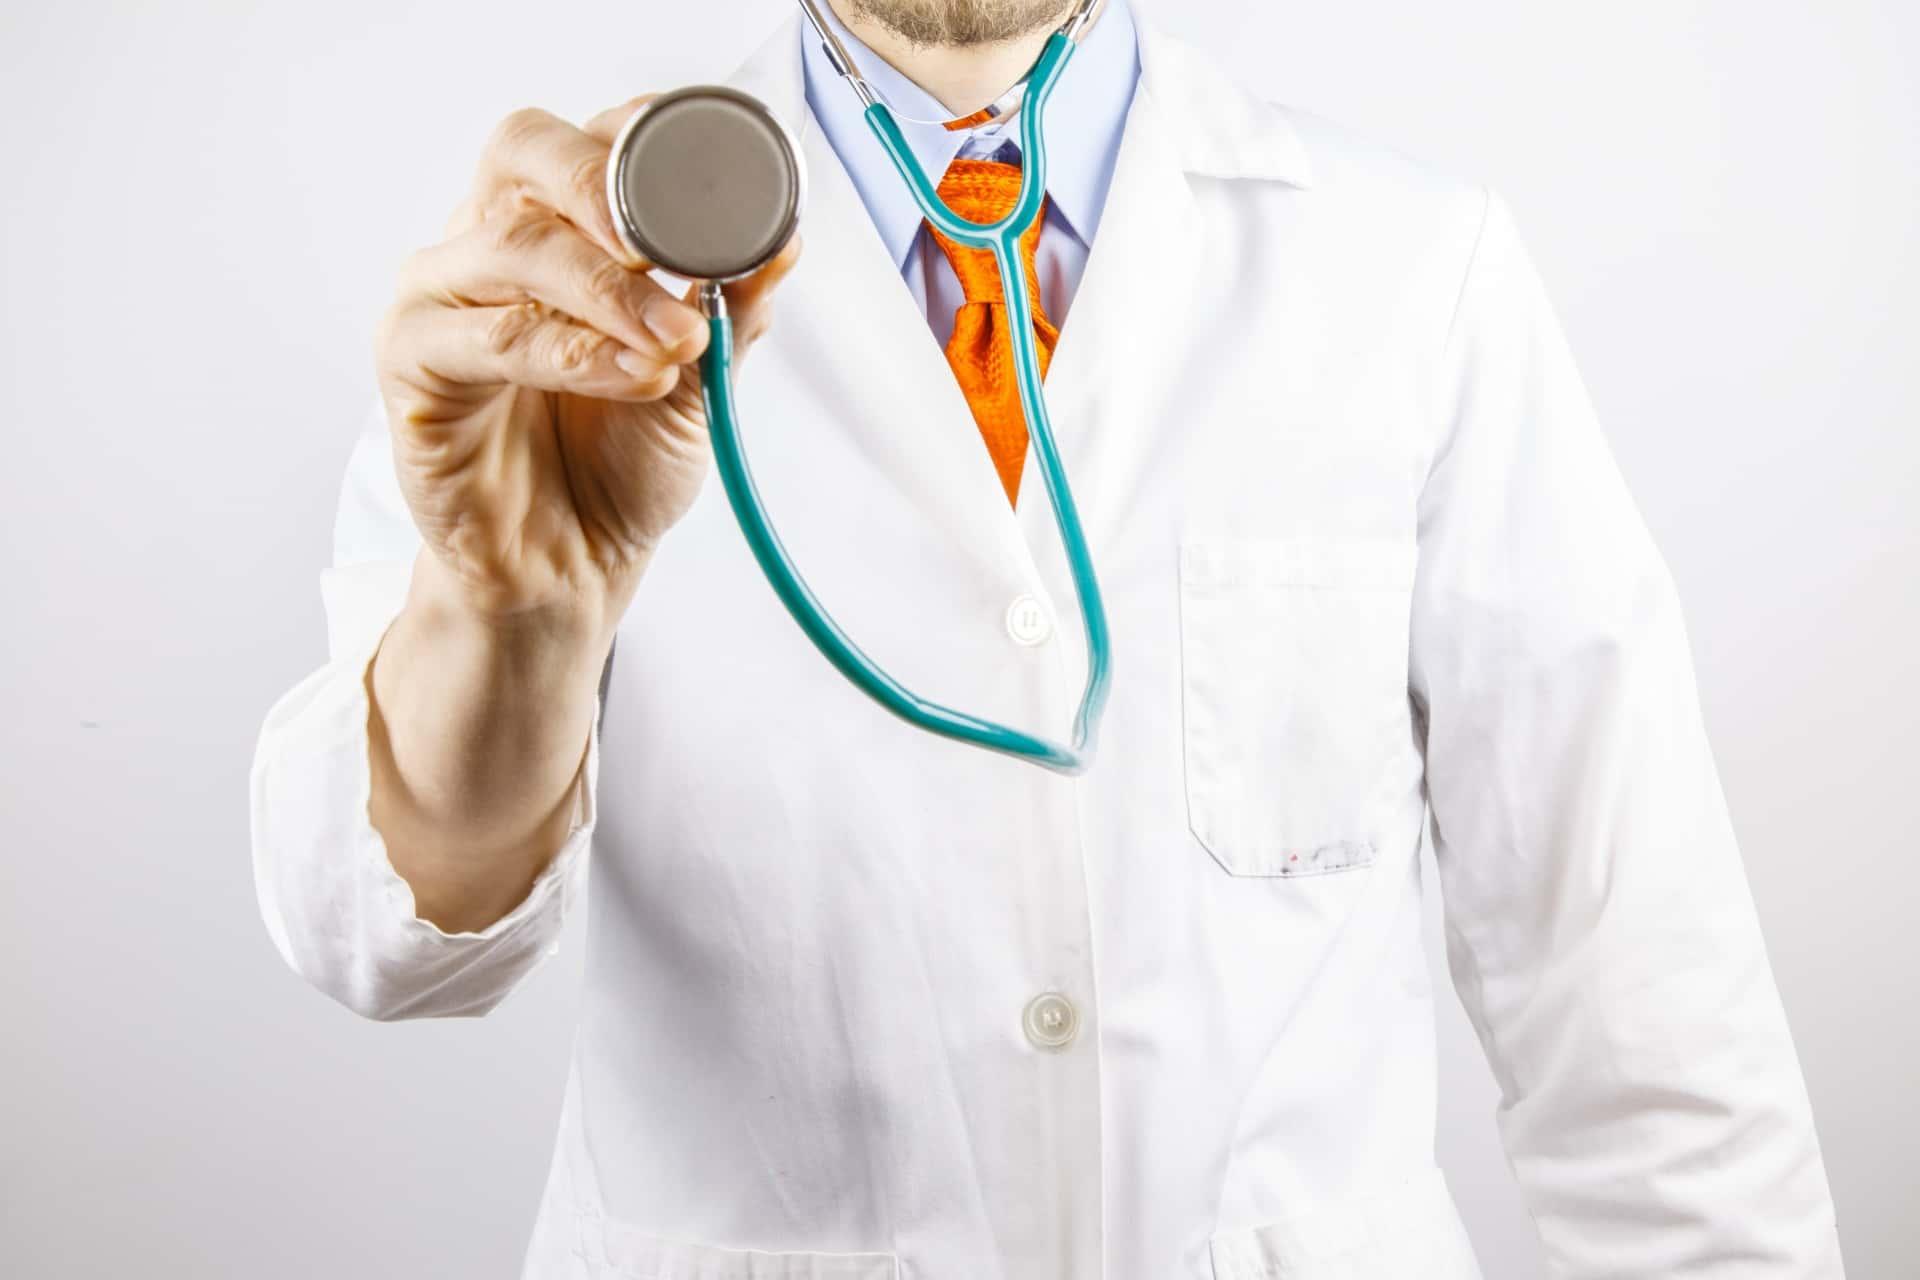 Doctors creepy